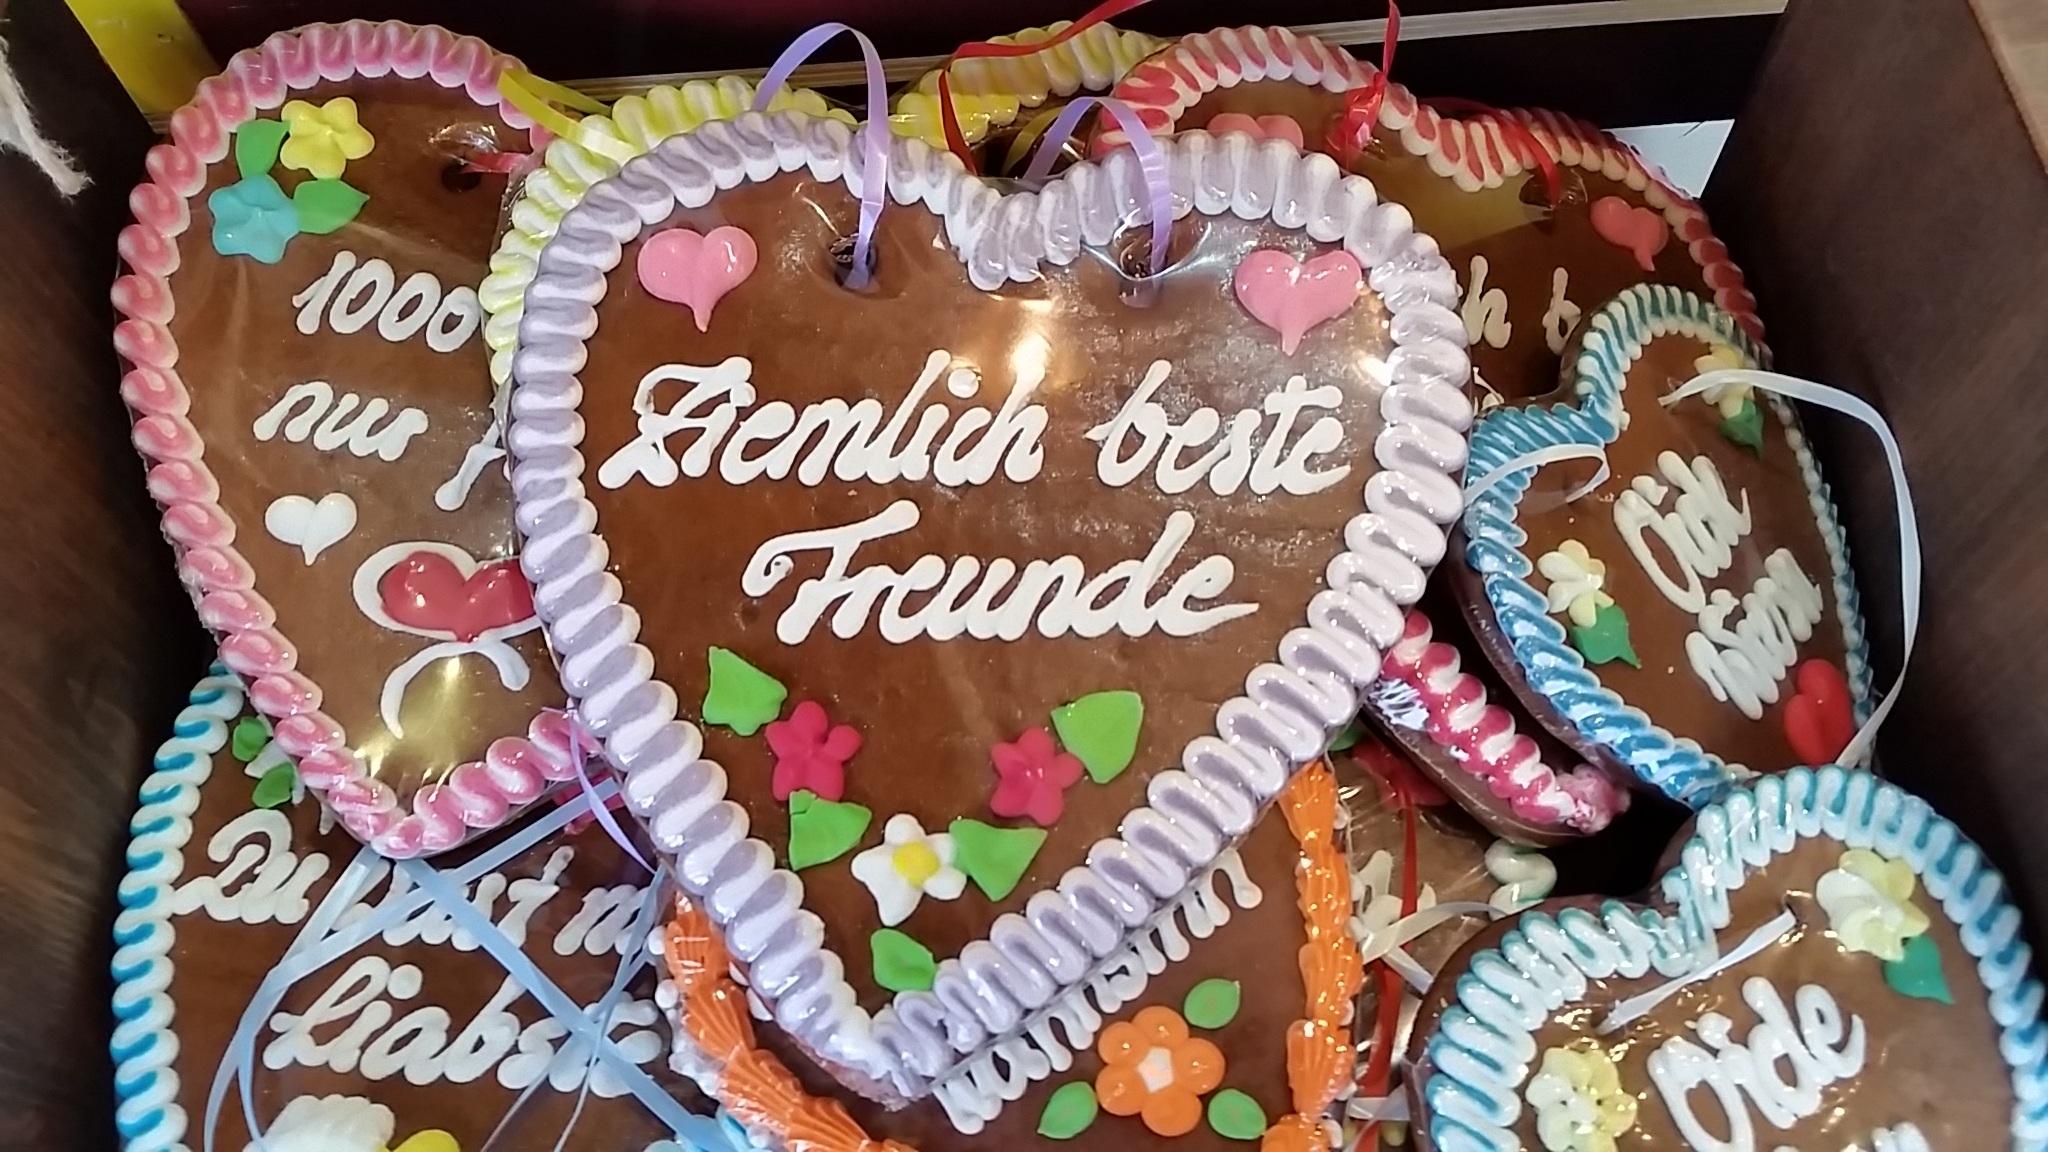 Gambar Jantung Makanan Pencuci Mulut Kue Ulang Tahun Teman Lapisan Gula Pesta Kue Jahe Munich Oktoberfest Dipanggang Sahabat Rumah Kue Jahe 2048x1152 899360 Galeri Foto Pxhere